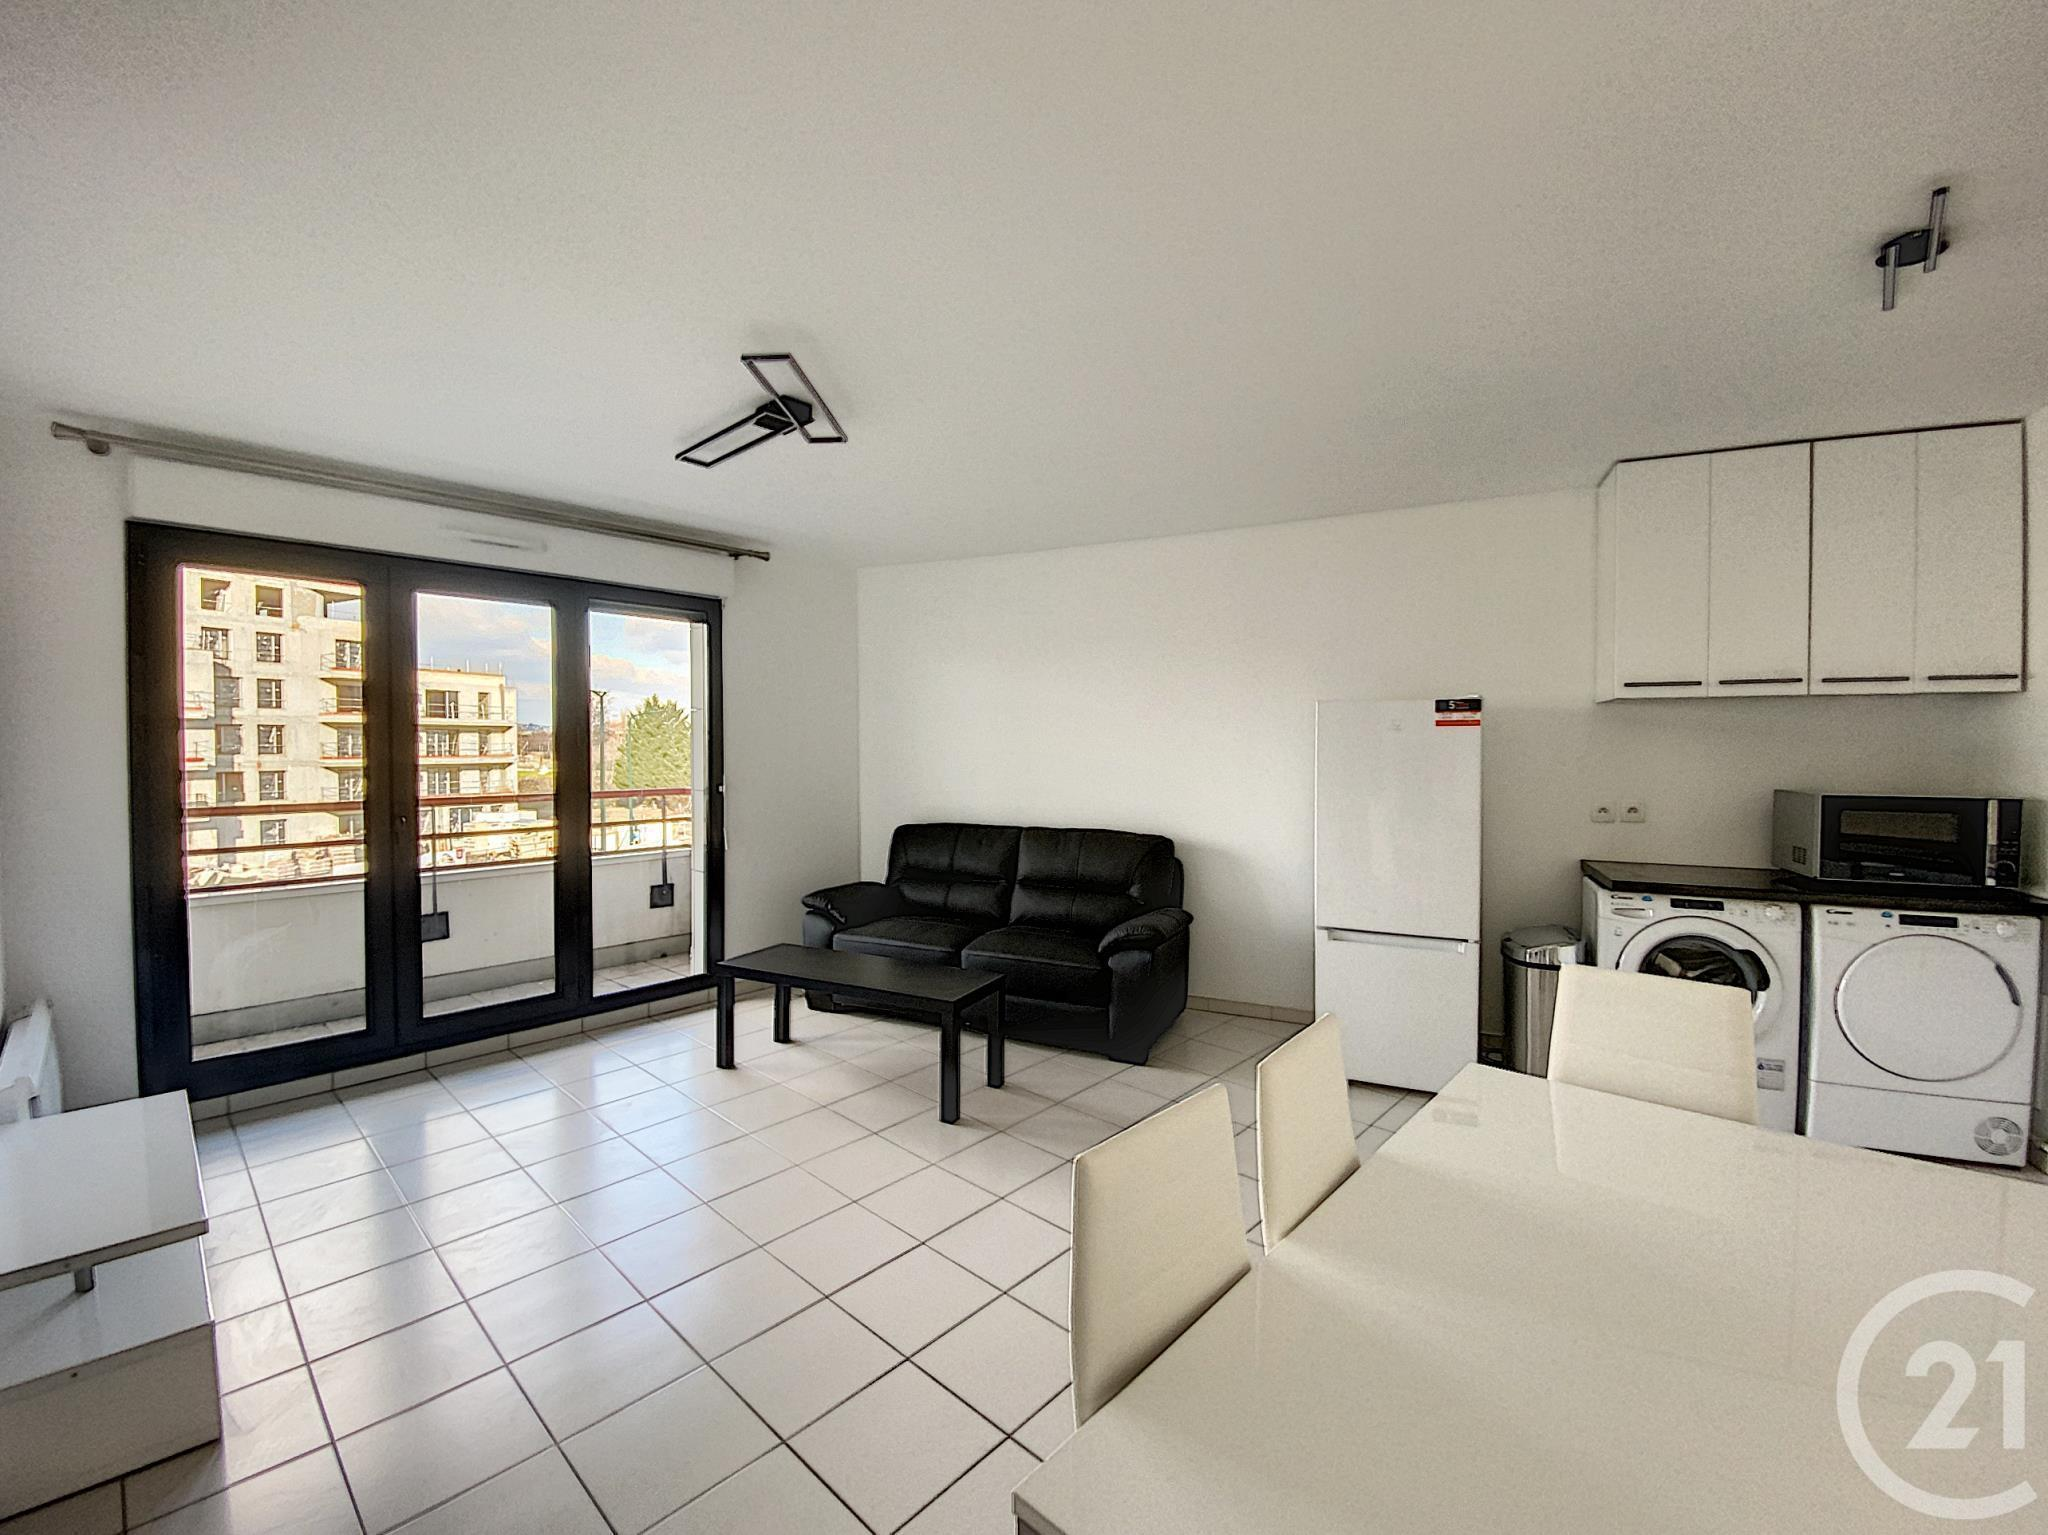 Appartement a louer colombes - 2 pièce(s) - 42.04 m2 - Surfyn